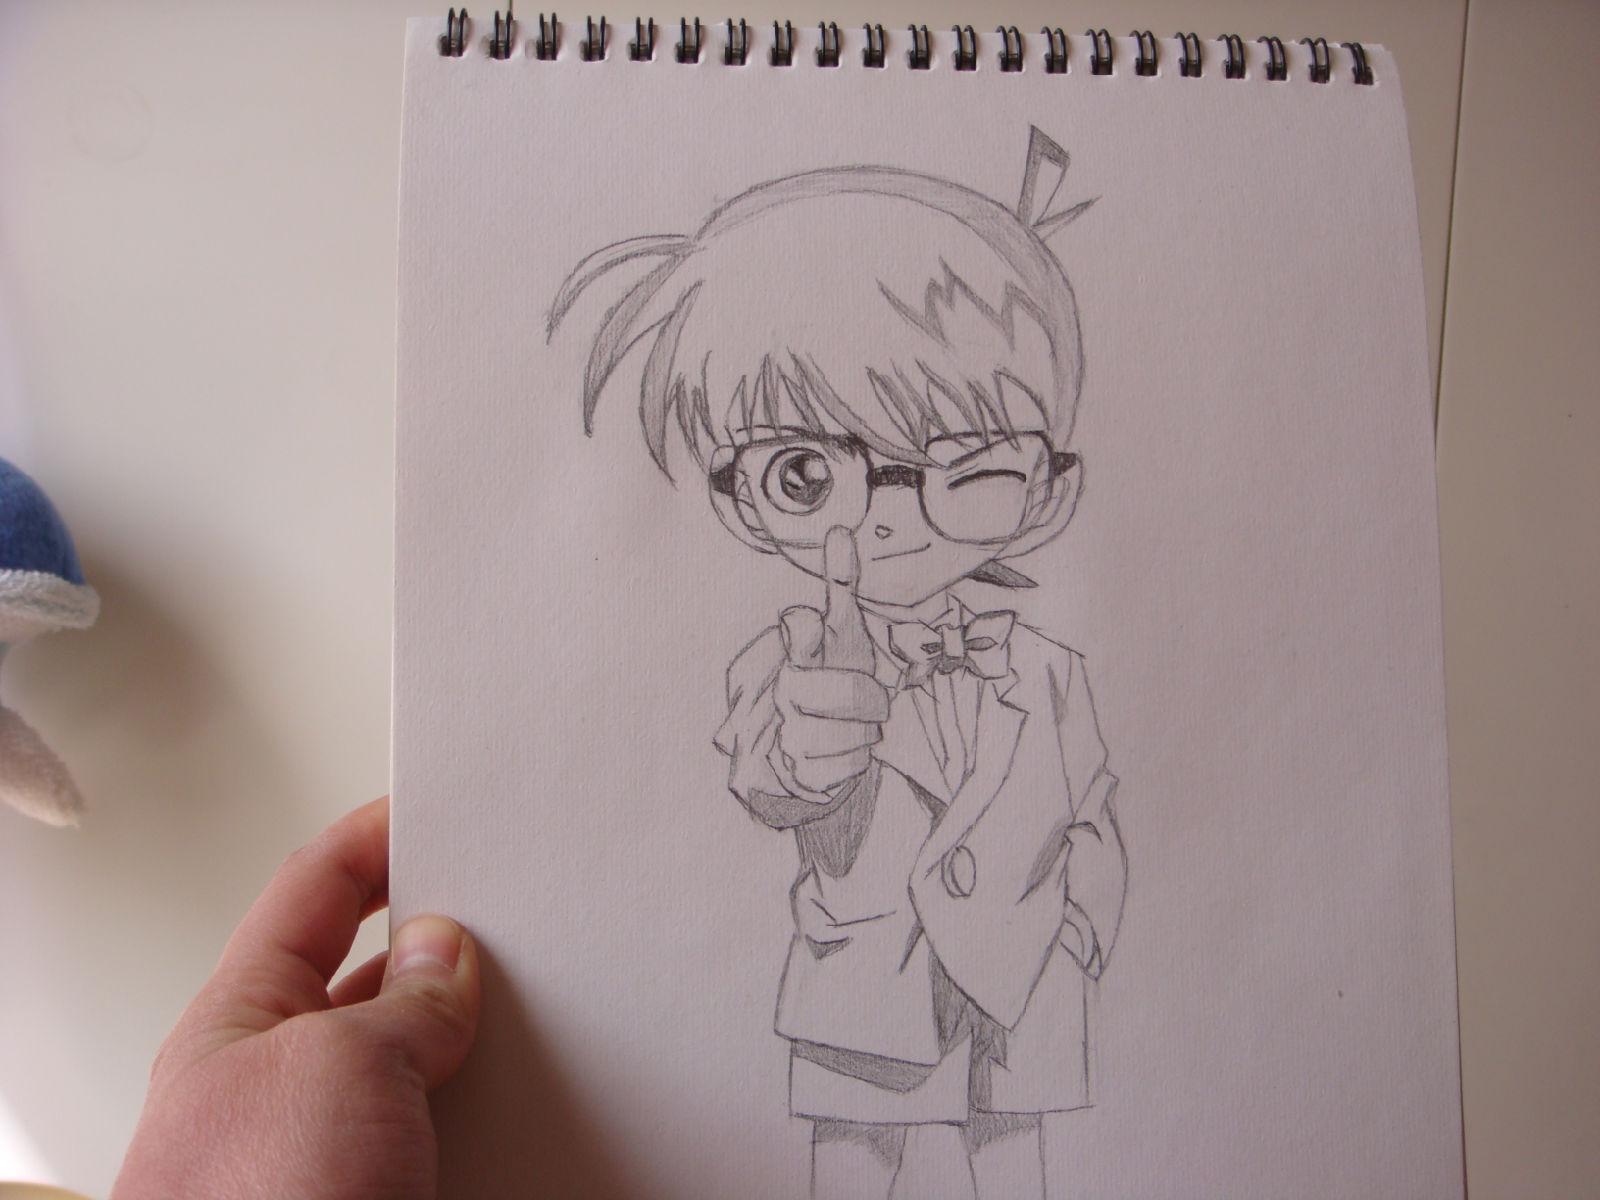 名侦探柯南的素描铅笔画